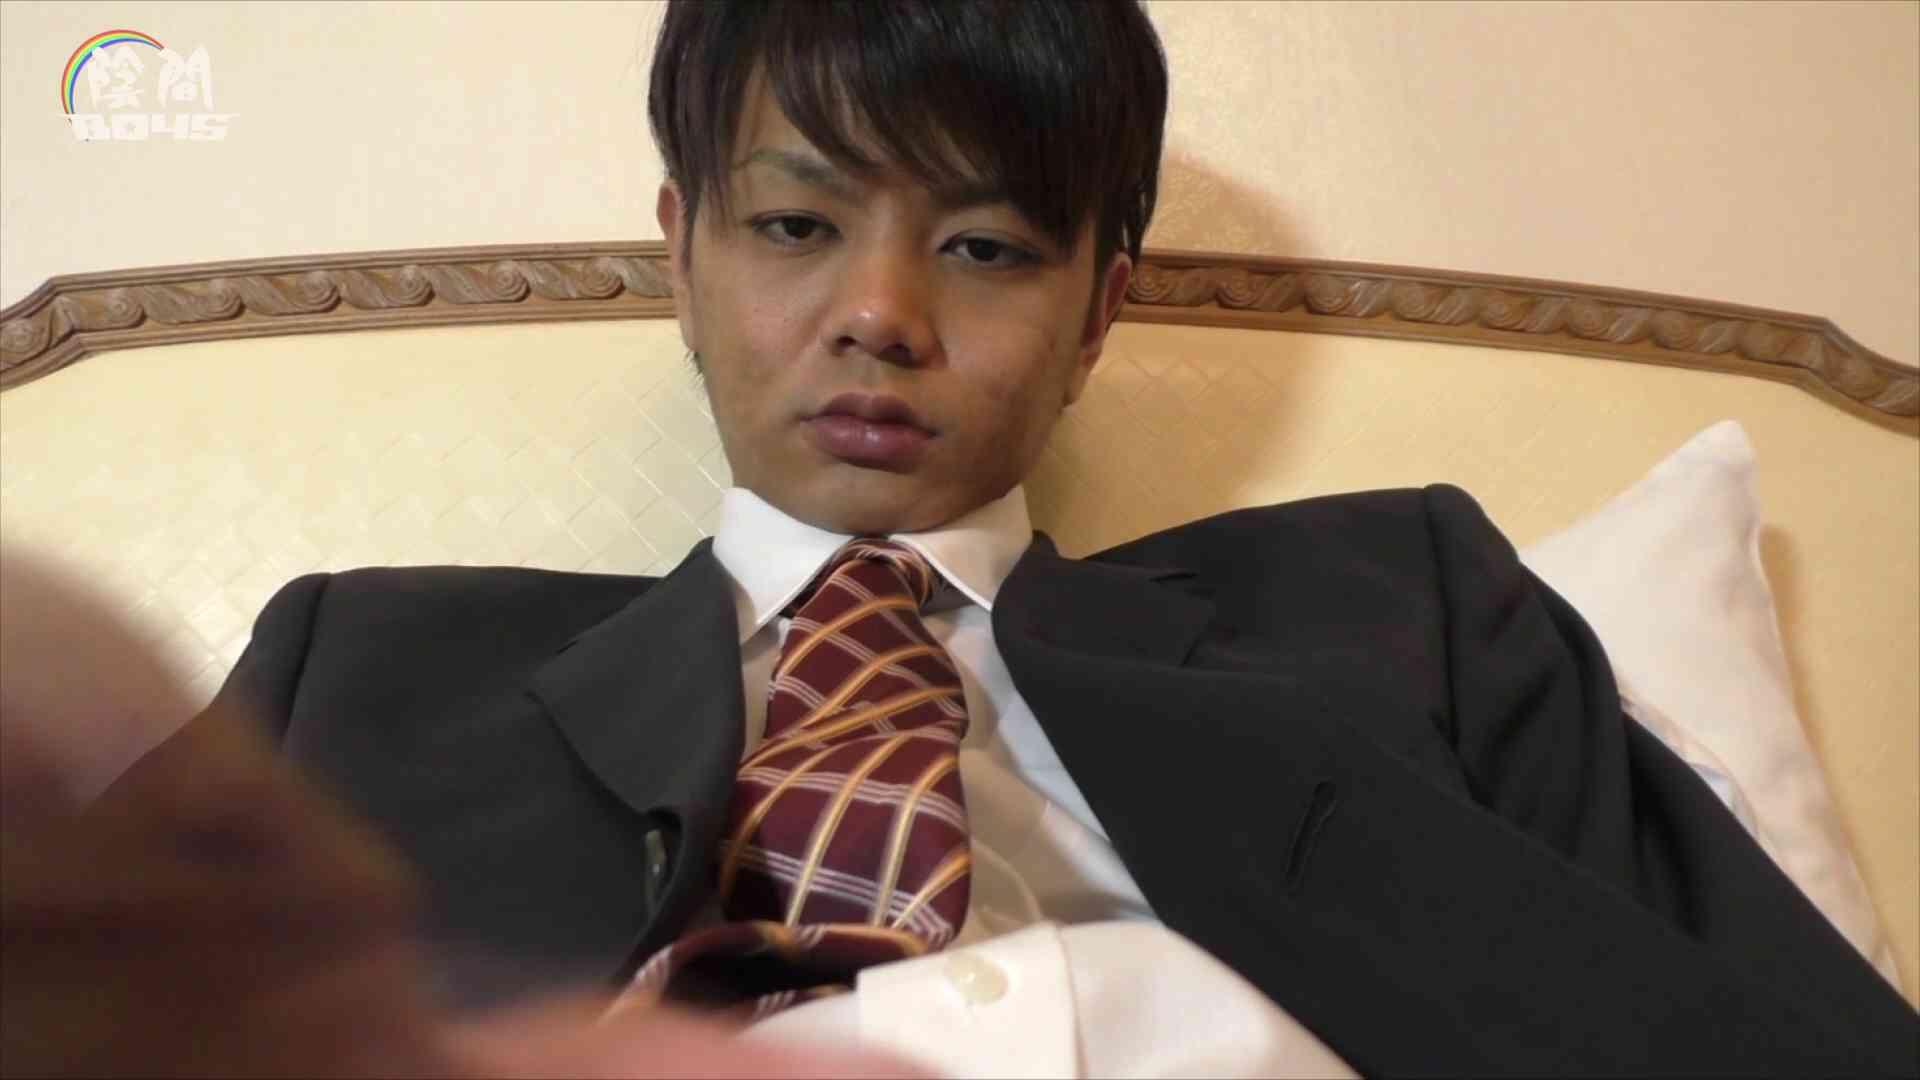 陰間BOYS~キャバクラの仕事はアナルから4 Vol.01 手コキ 男同士画像 108pic 20